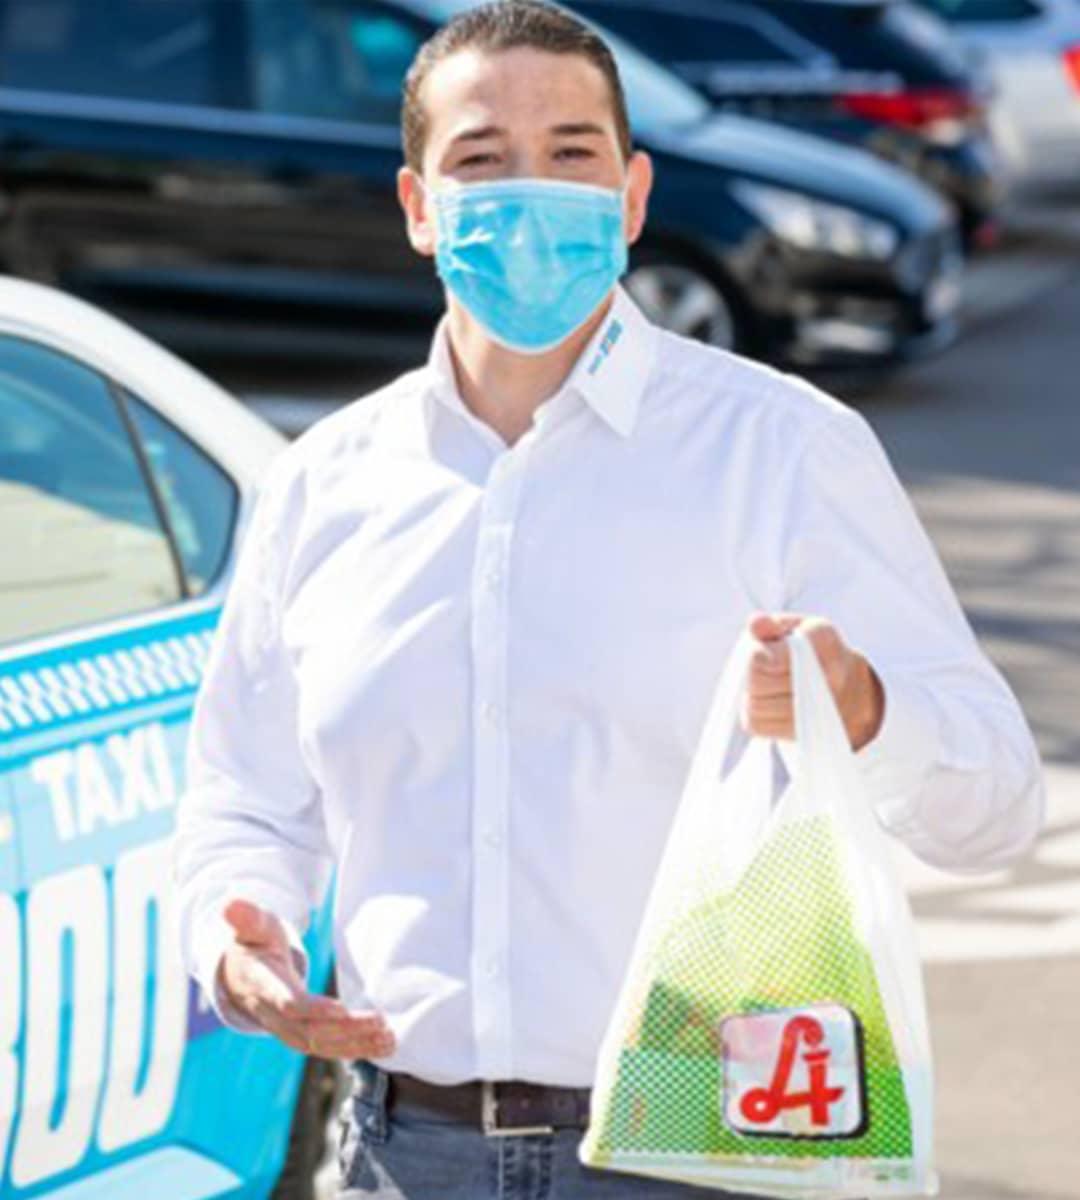 Taxilenker mit MNS-Maske und Einkäufen